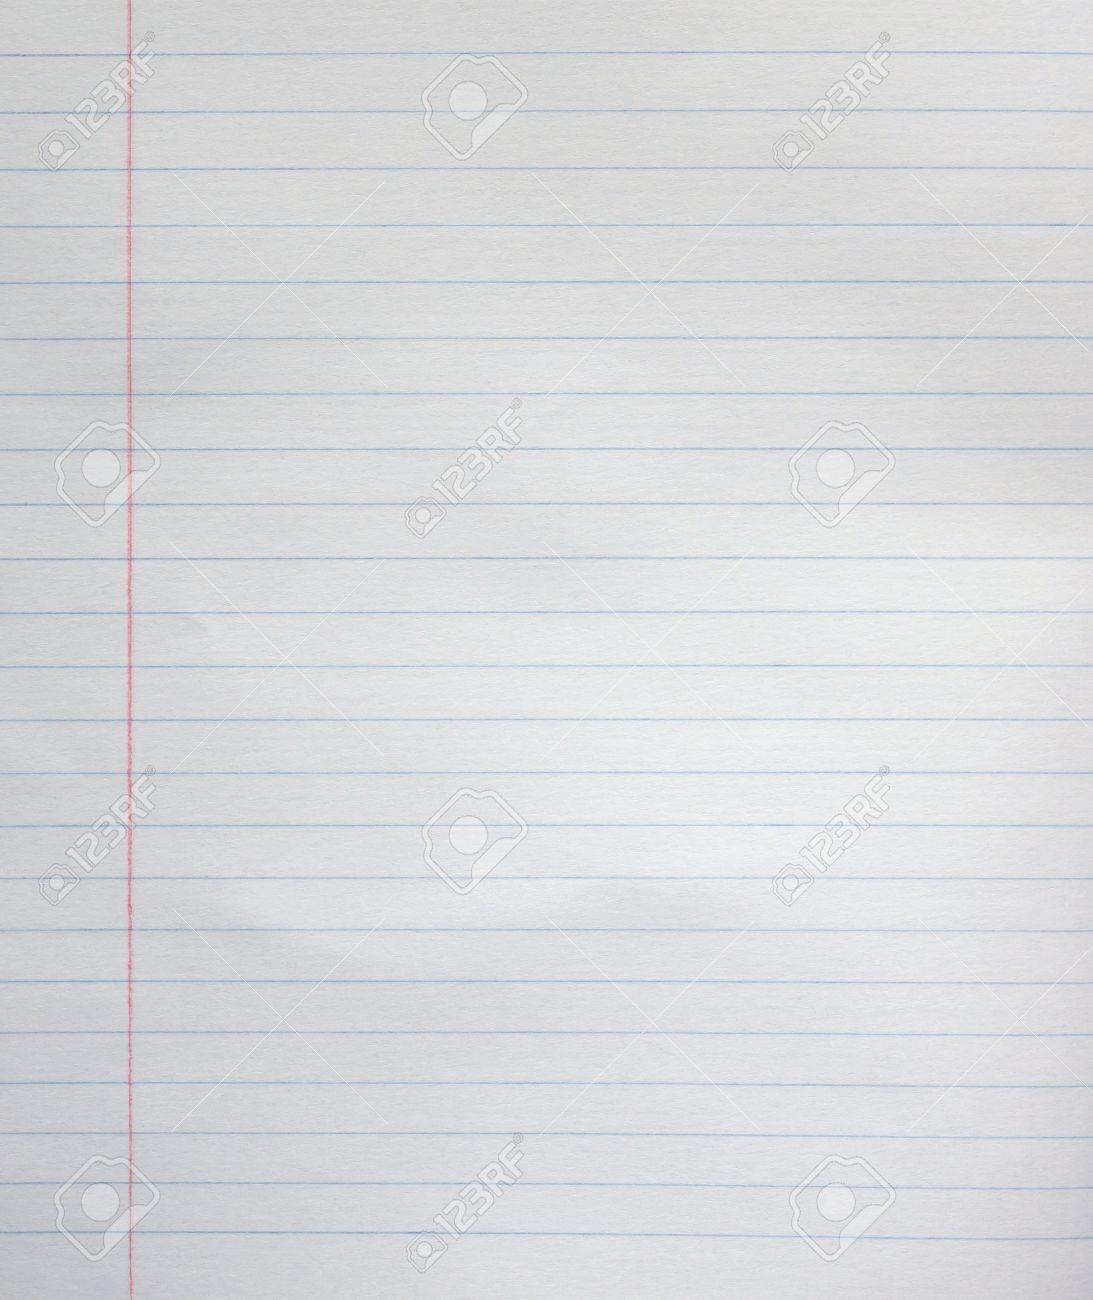 Weiße Linie Blatt Papier Hintergrund Vom Merkzettel. Lizenzfreie ...